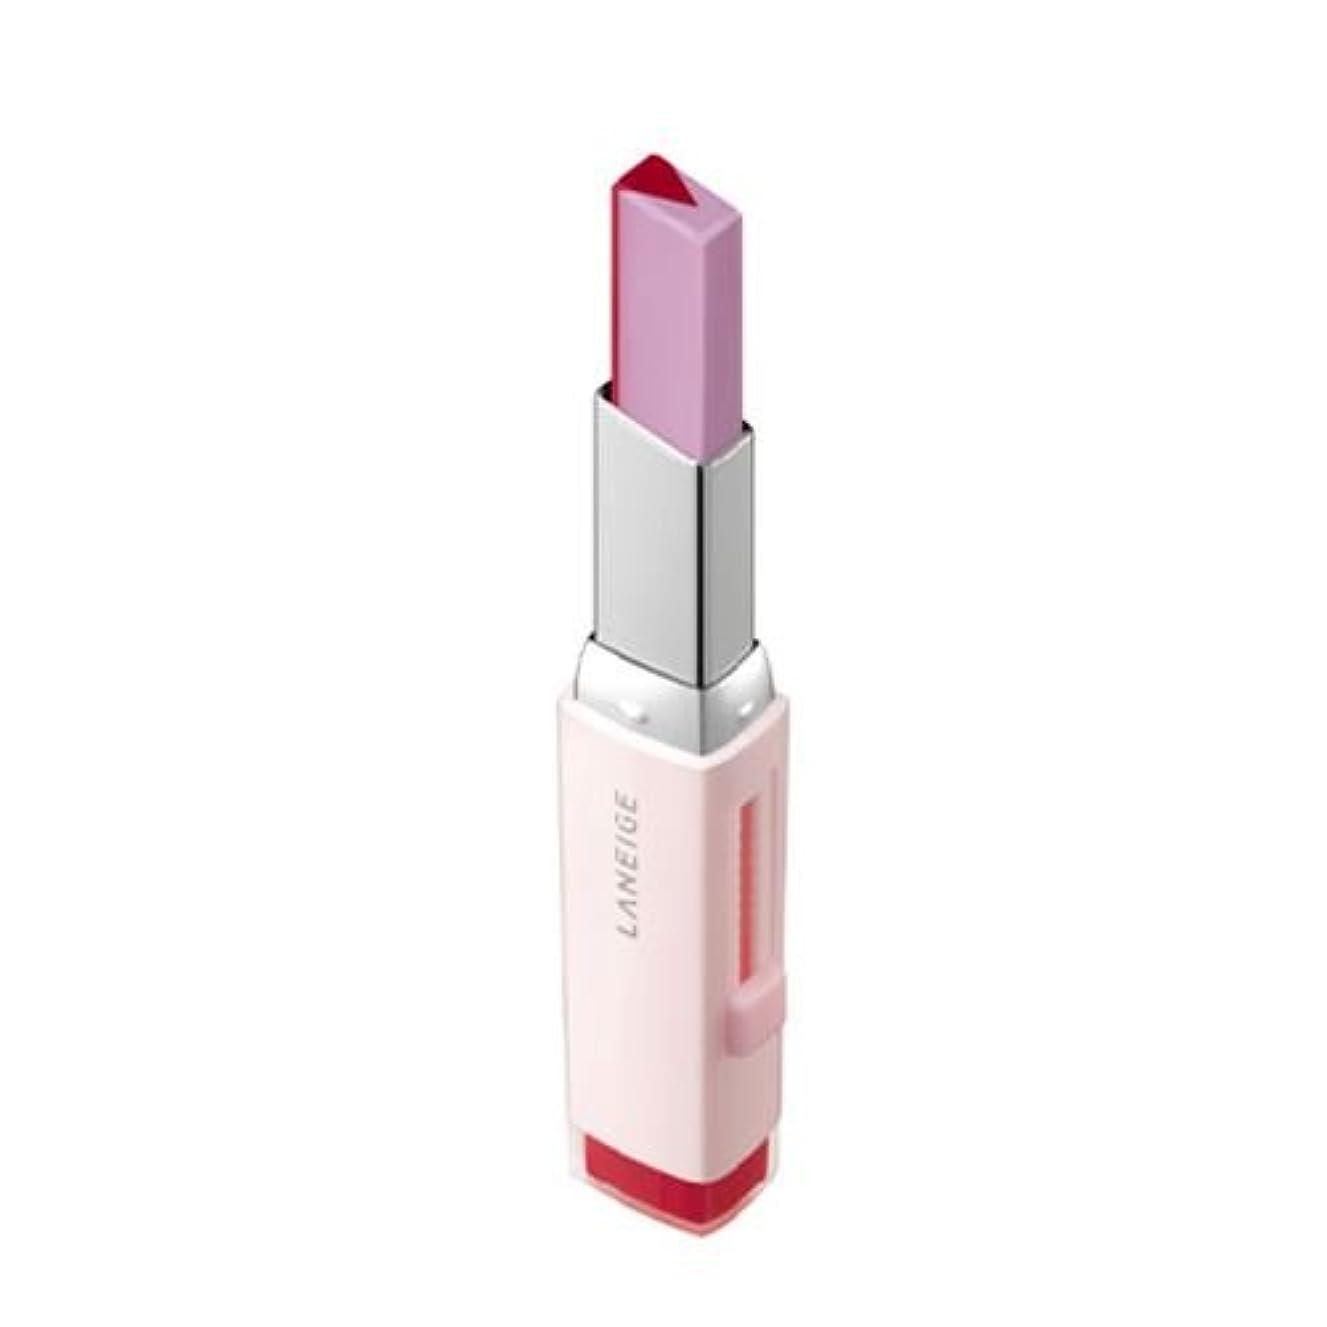 副詞イノセンスプロフィール[New] LANEIGE Two Tone Tint Lip Bar 2g/ラネージュ ツー トーン ティント リップ バー 2g (#07 Lollipop Red) [並行輸入品]